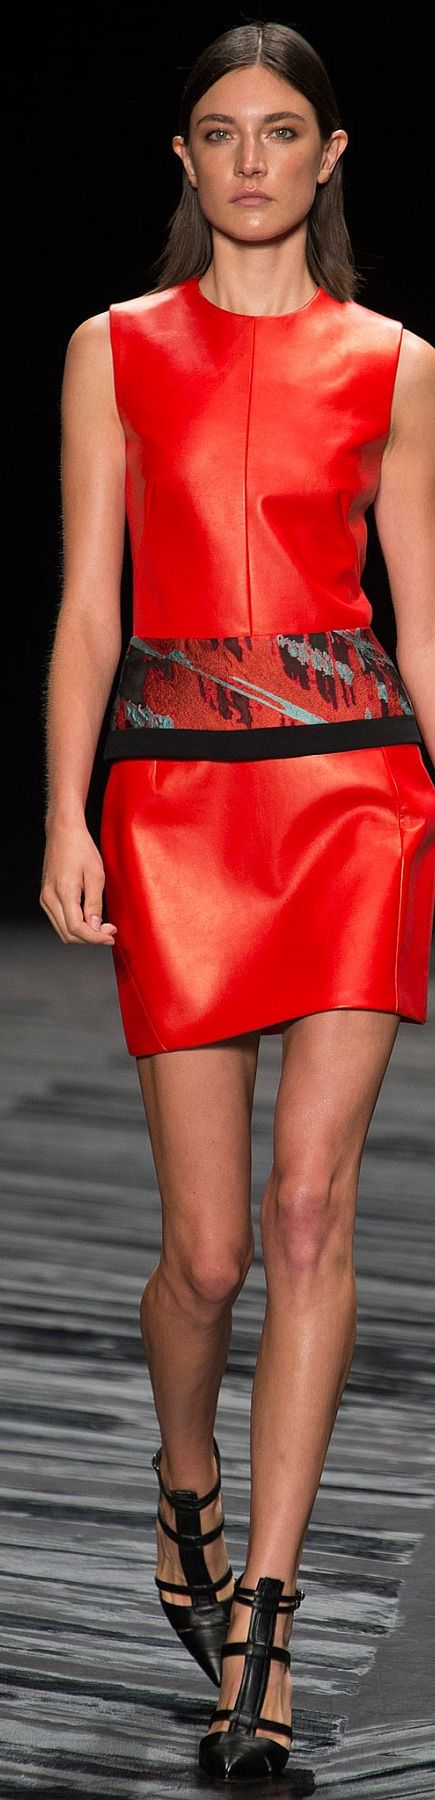 Red & Black Essence  https://www.pinterest.com/sclarkjordan/red-black-essence/